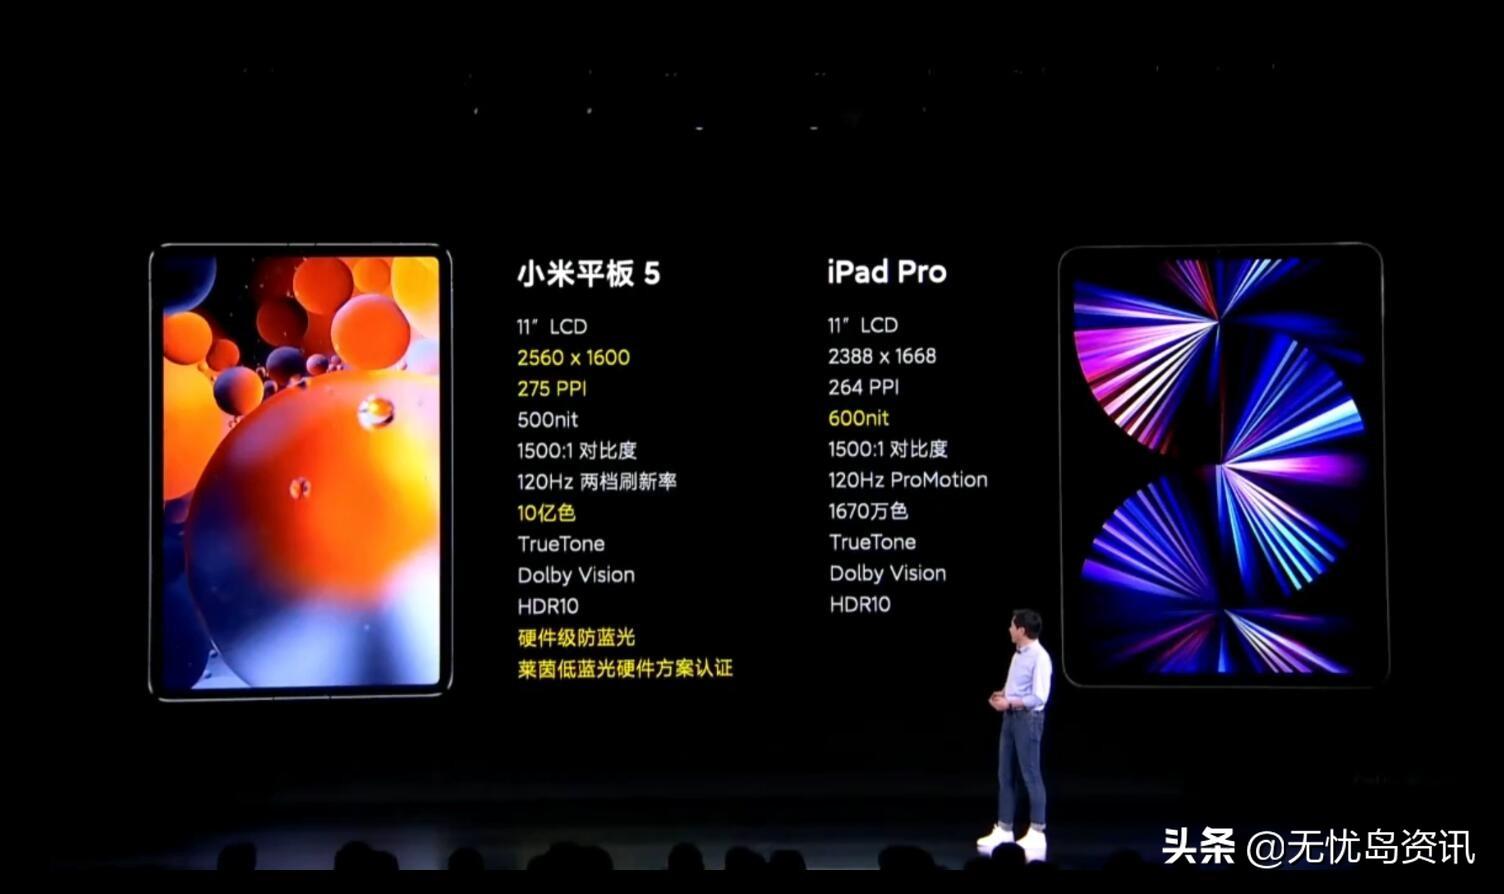 雷军对标iPad Pro而研发的小米平板5,究竟值不值得买呢? 京东特惠 第2张